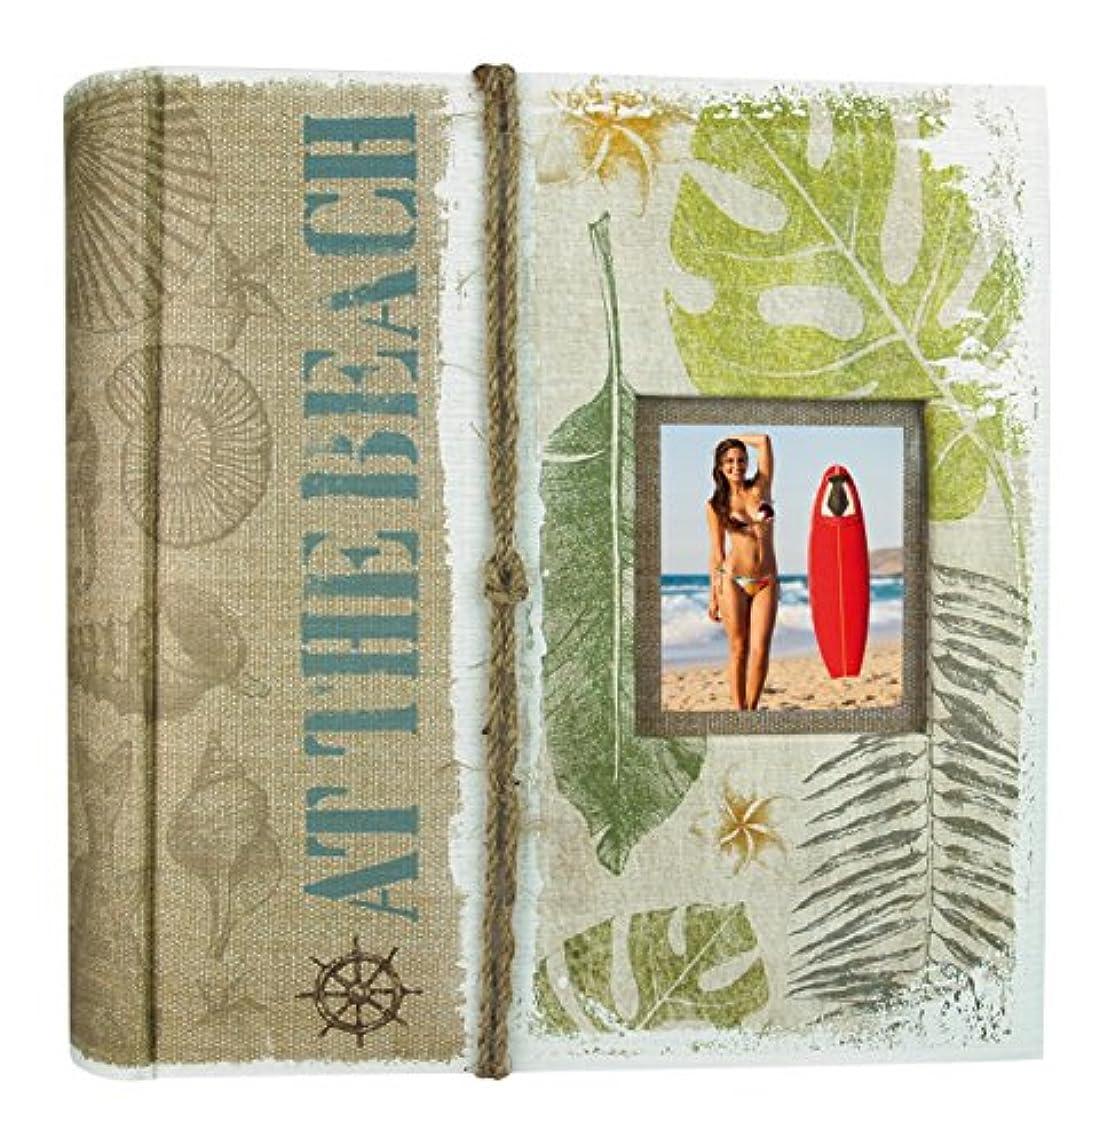 Zep Album Slip-in 200 Photos Maui 13x19cm, Paper, Multi-Colour, 28 x 24.5 x 5 cm